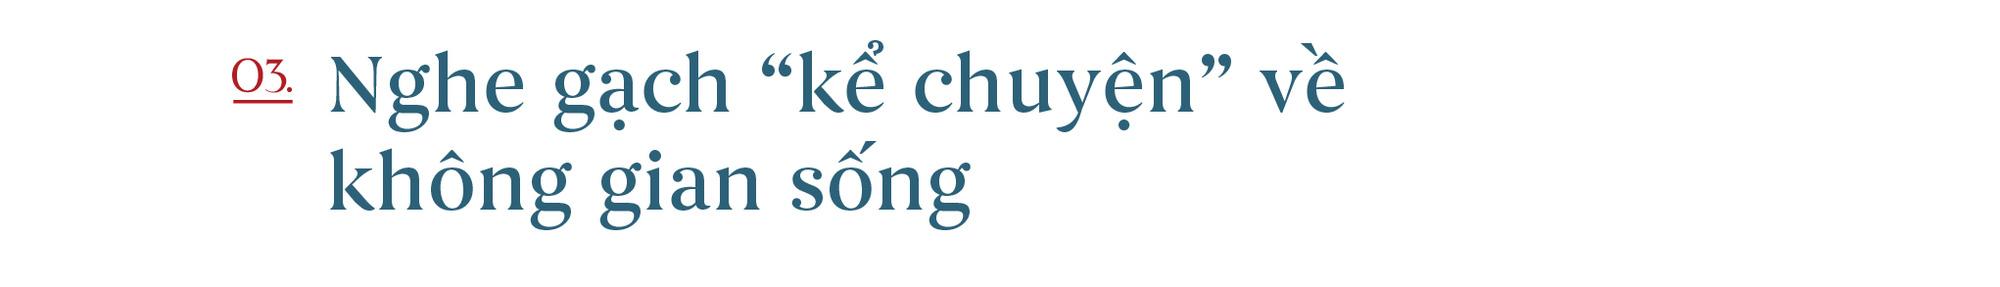 Eurotile: Khi cái tôi khác biệt hiện hữu trong không gian sống của người Việt - Ảnh 5.